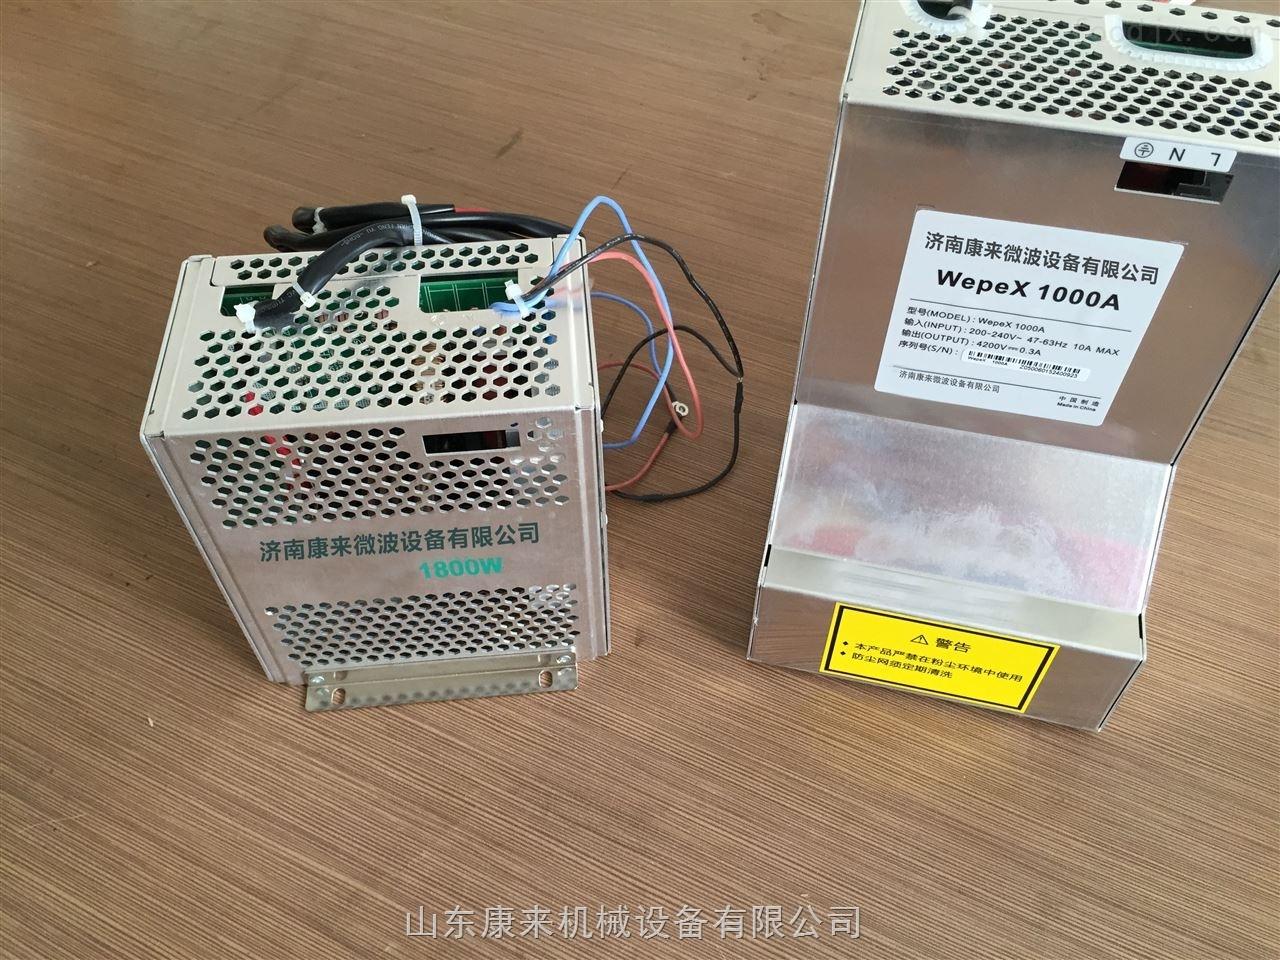 山东工业微波变频电源厂家